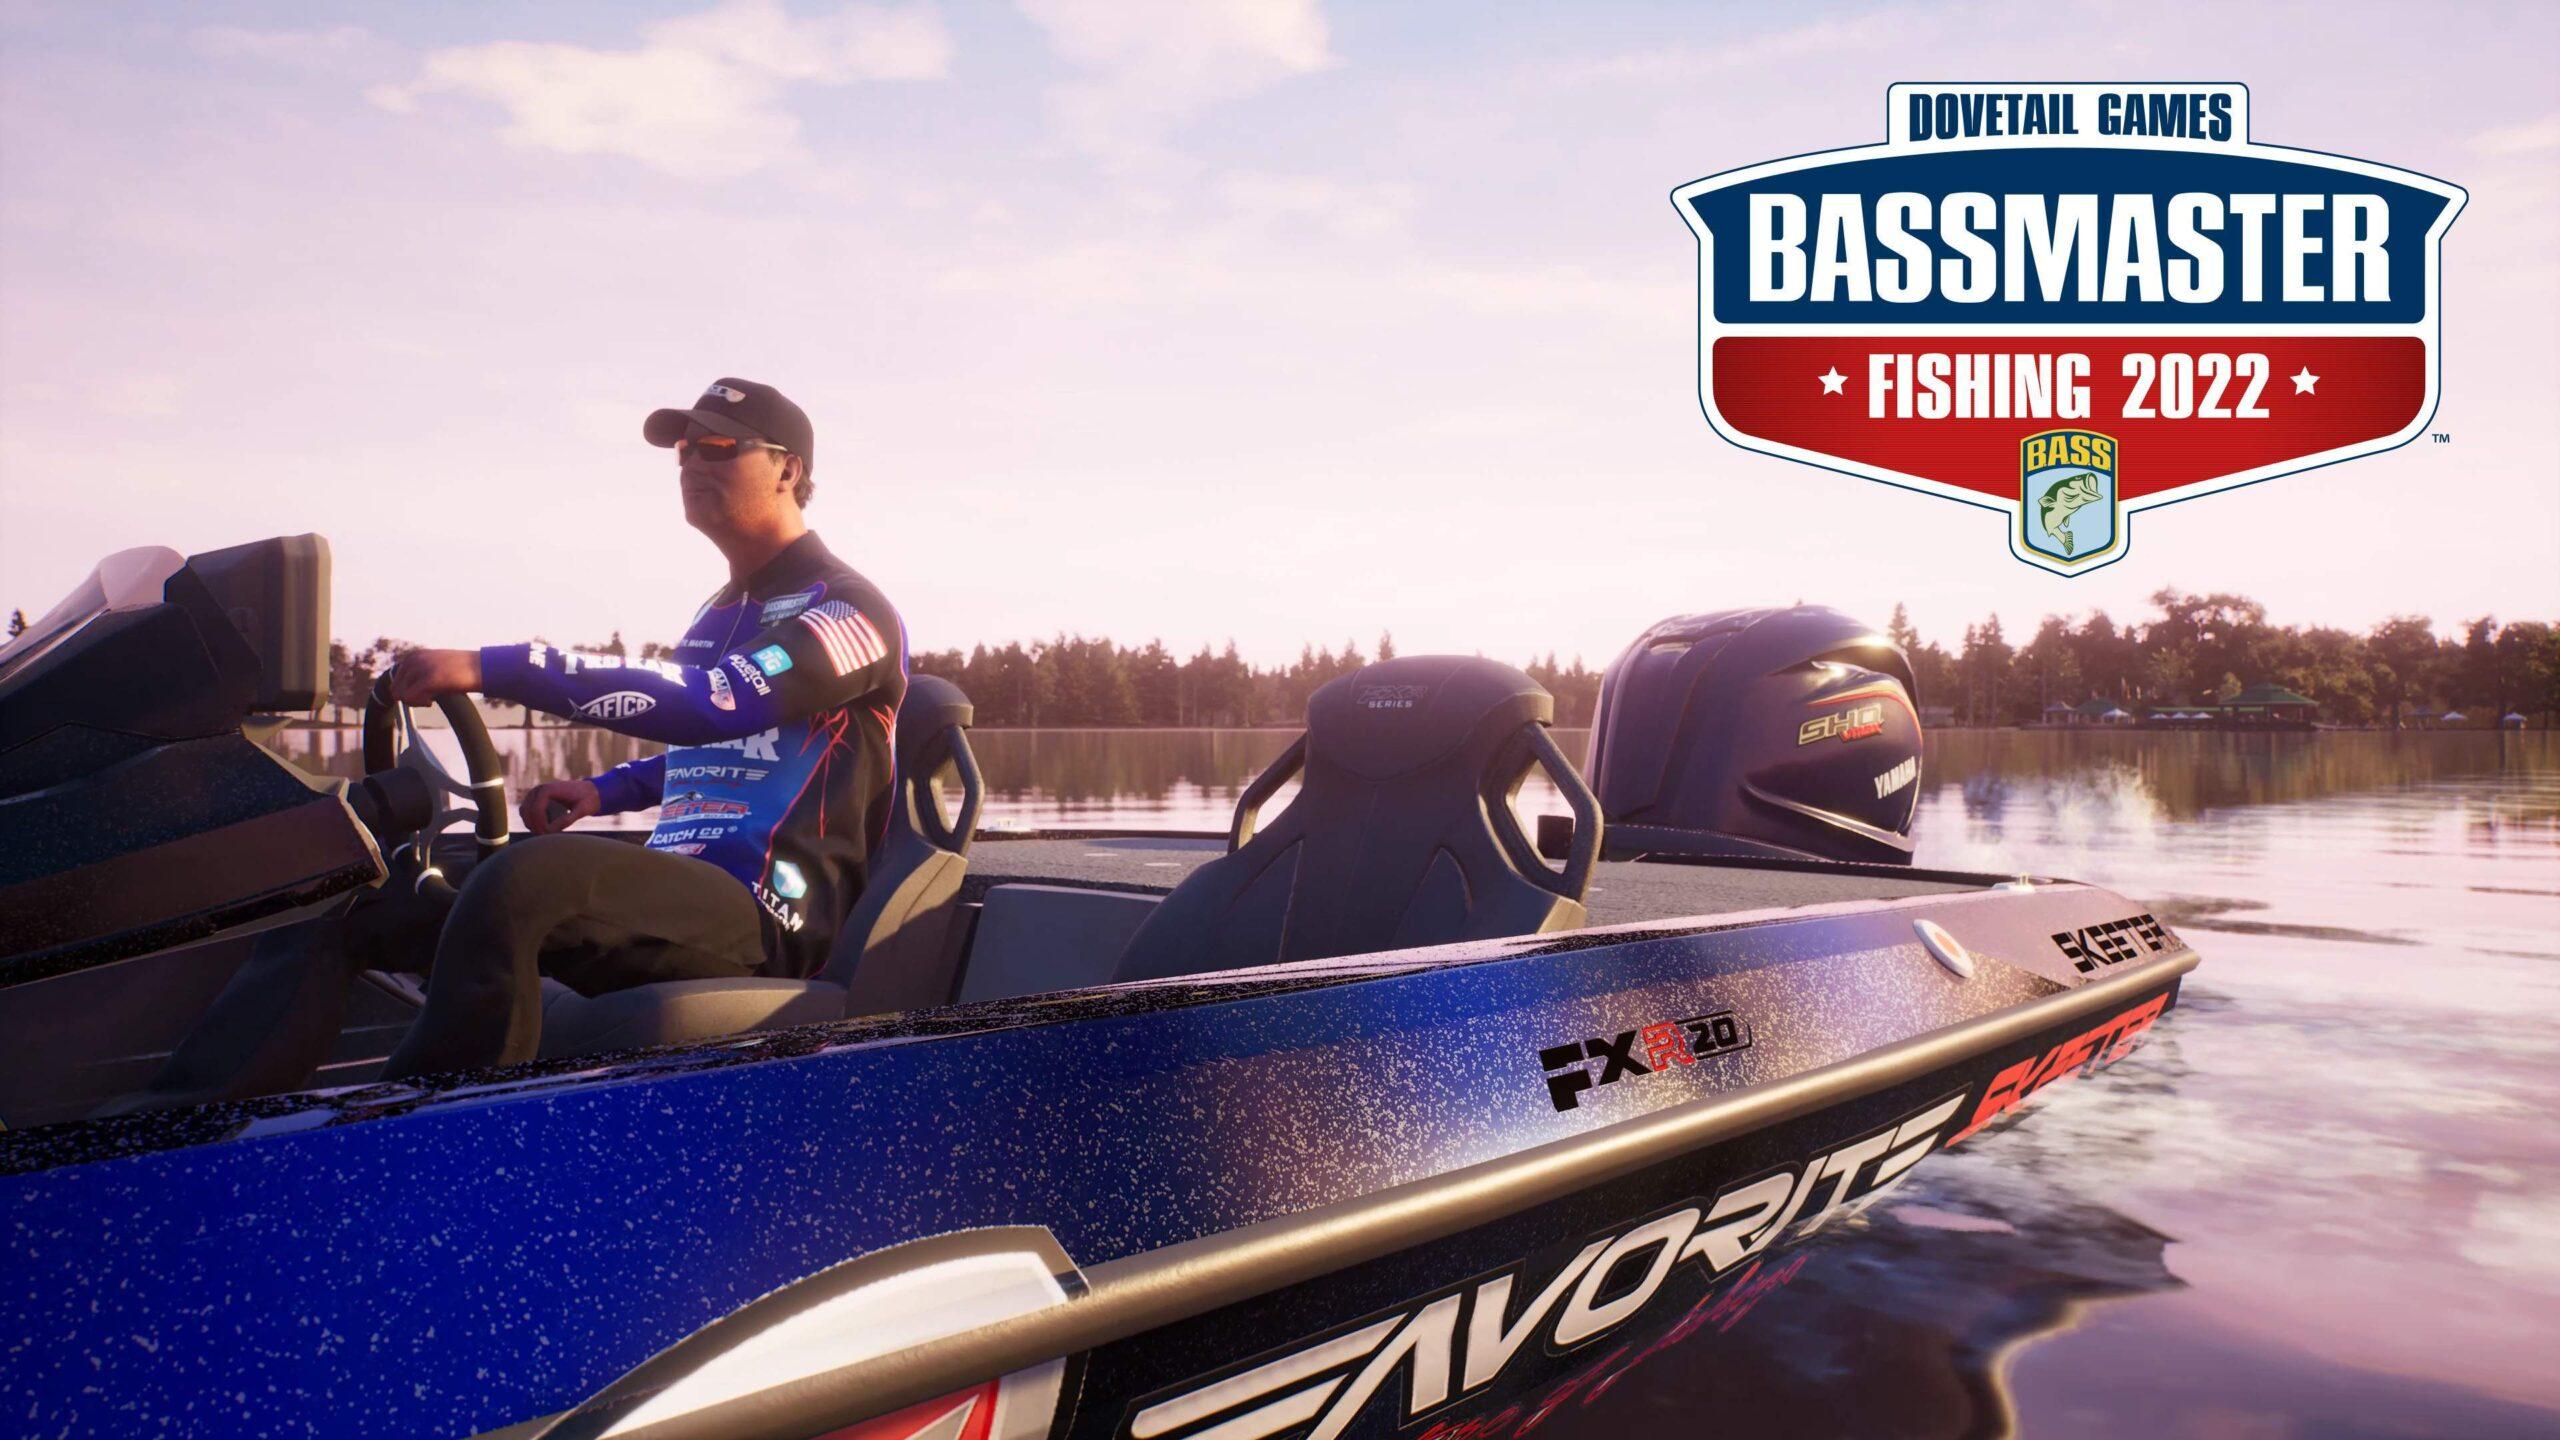 Игру Bassmaster Fishing 2022 можно опробовать бесплатно на Xbox до релиза